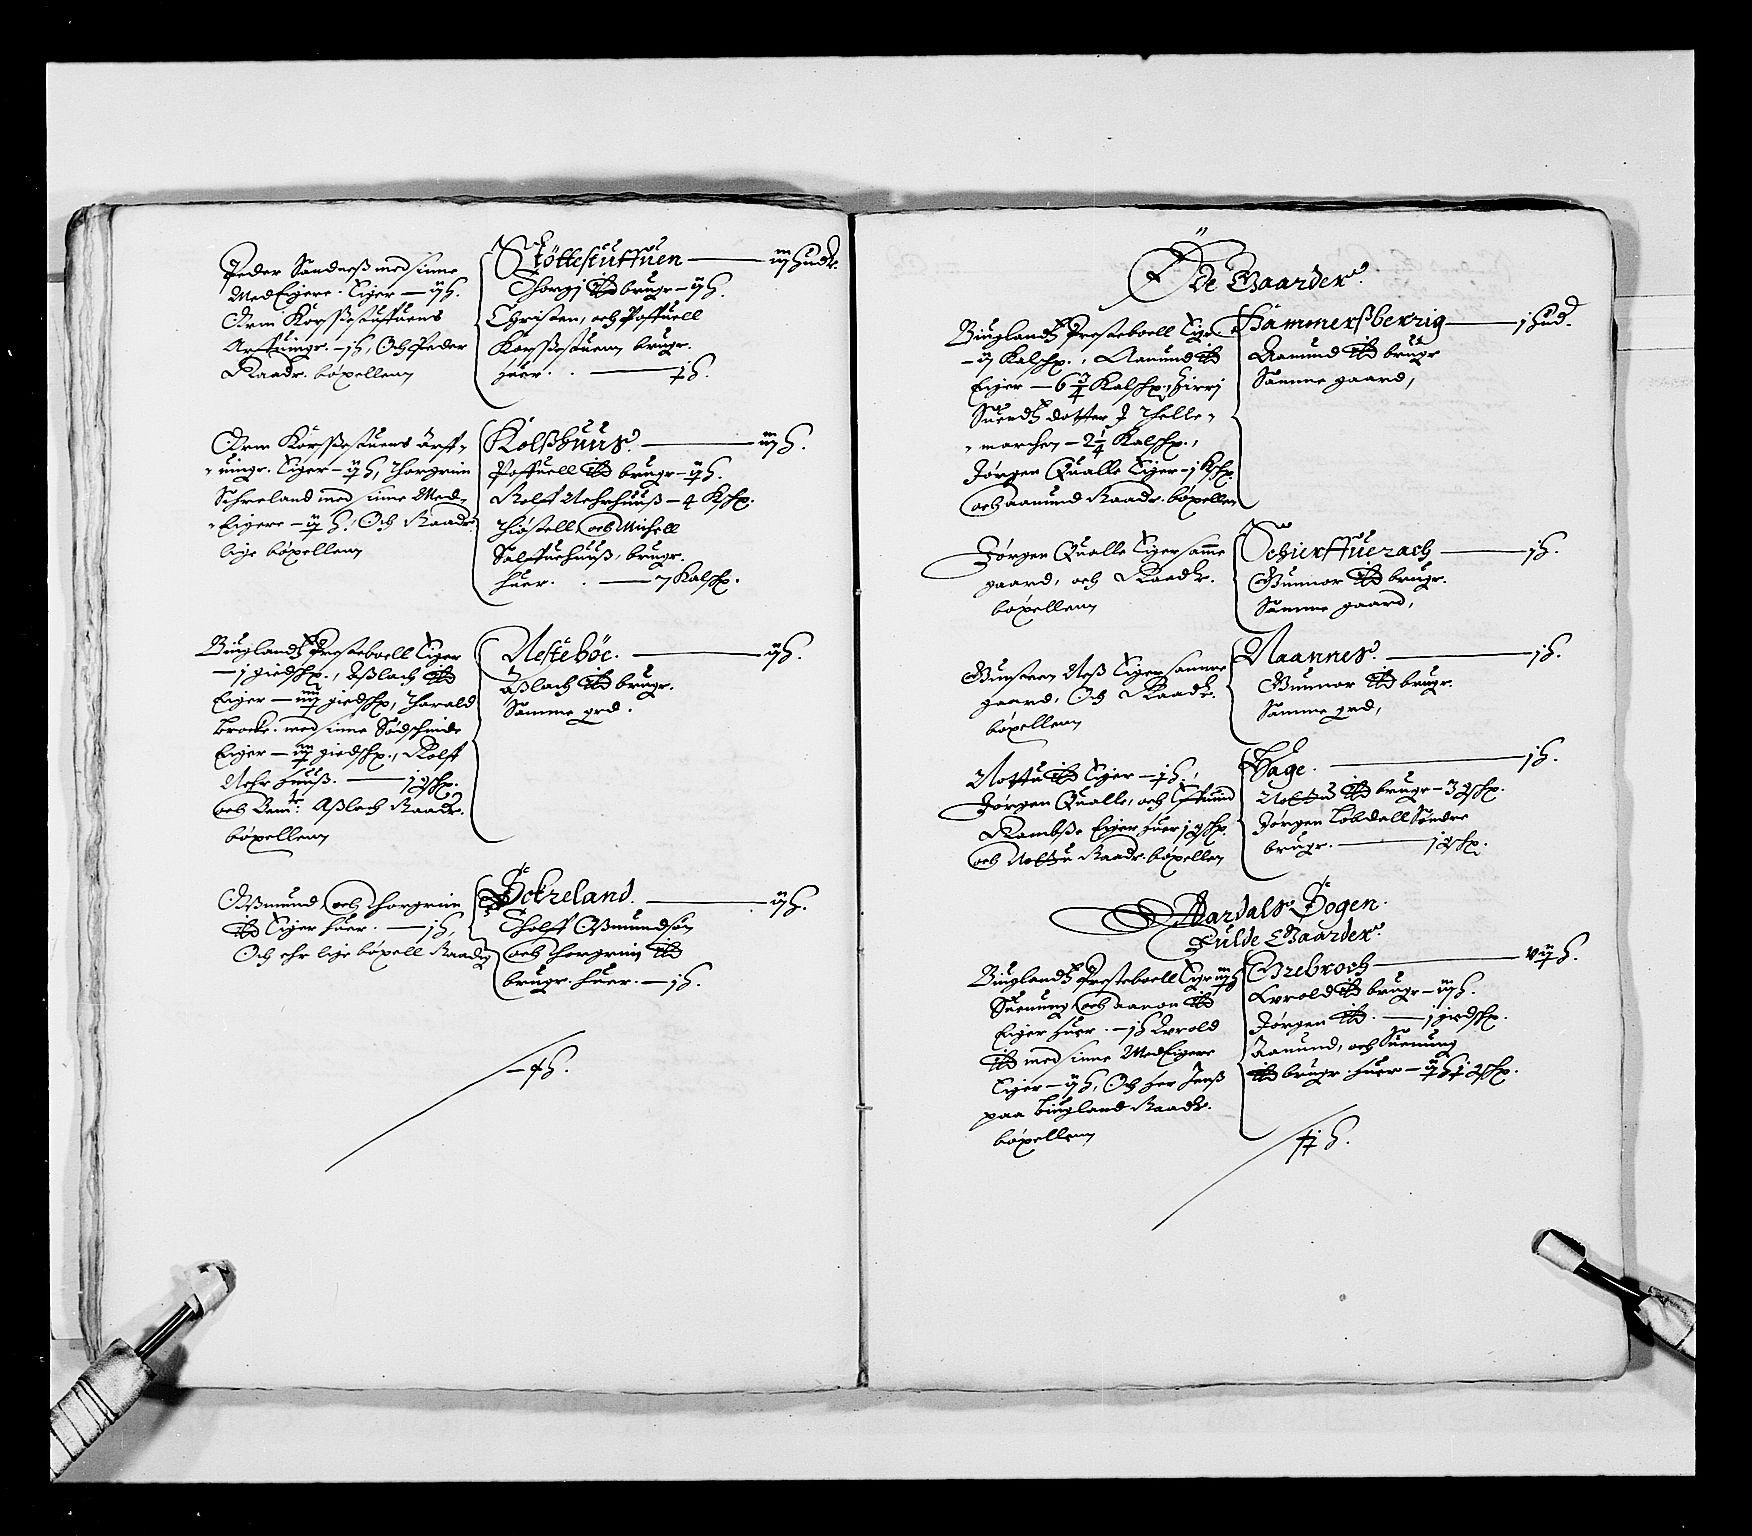 RA, Stattholderembetet 1572-1771, Ek/L0023: Jordebøker 1633-1658:, 1648-1649, s. 22